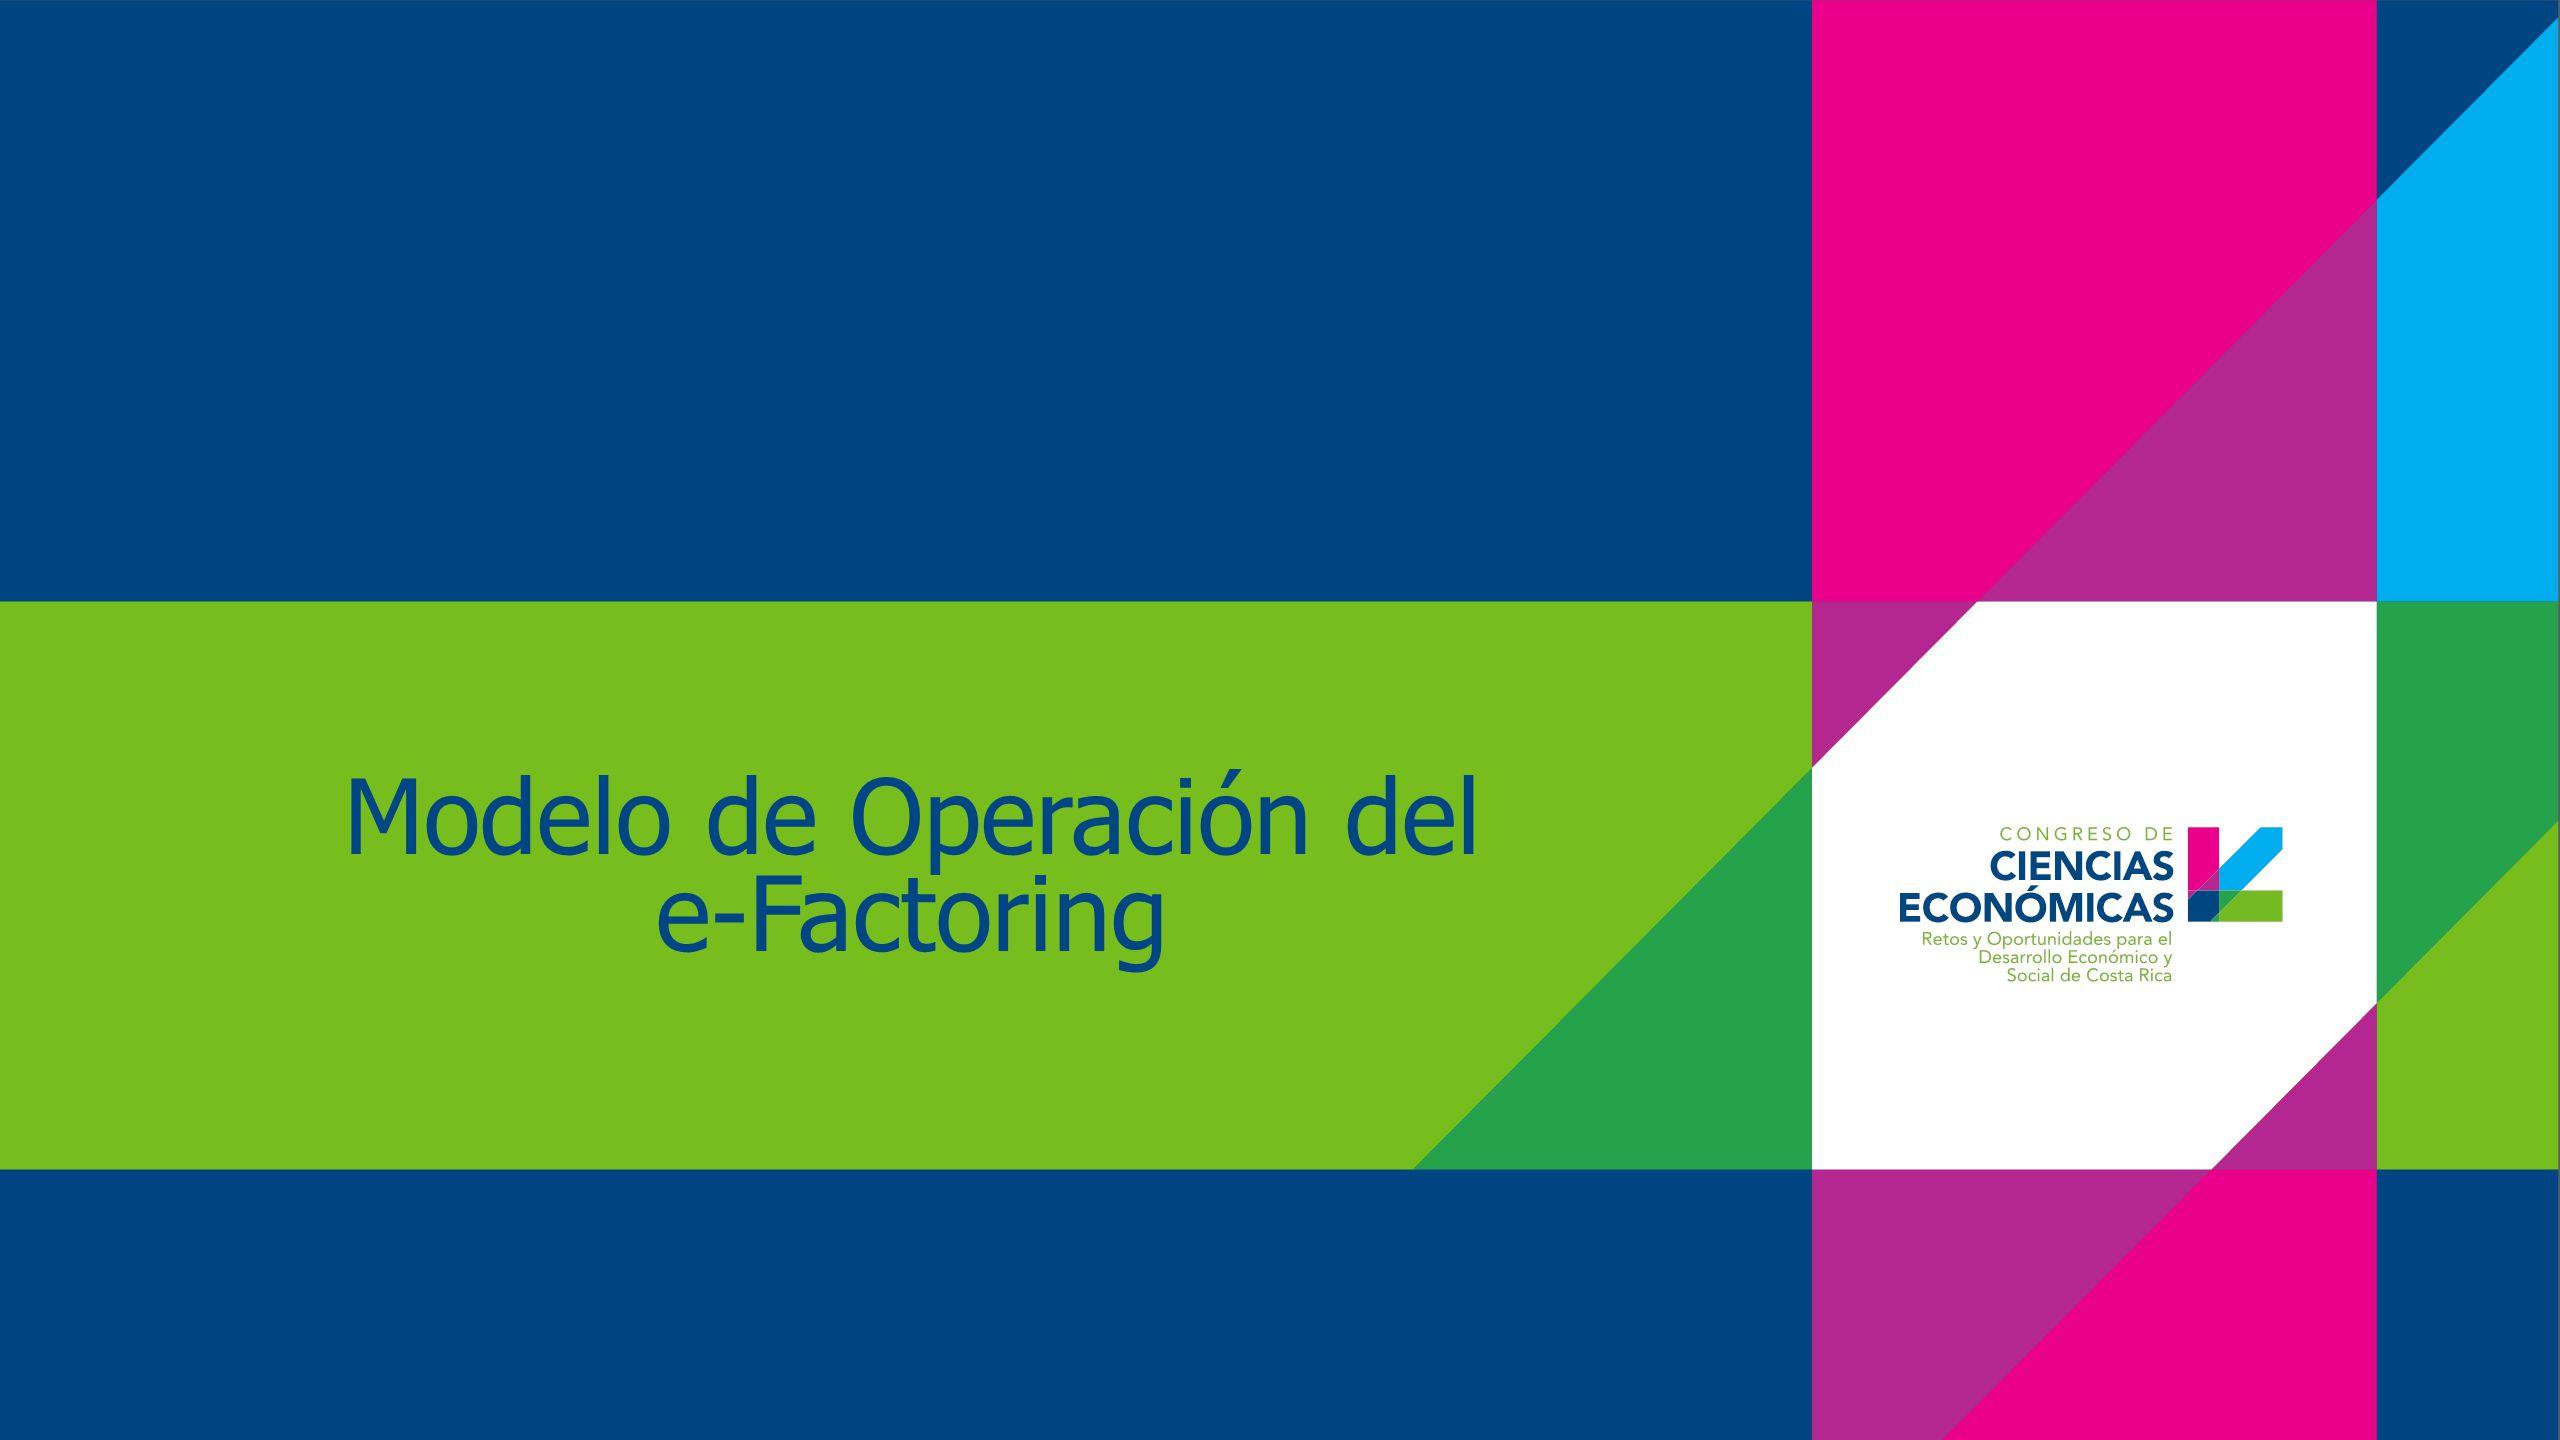 Modelo de Operación del e-Factoring